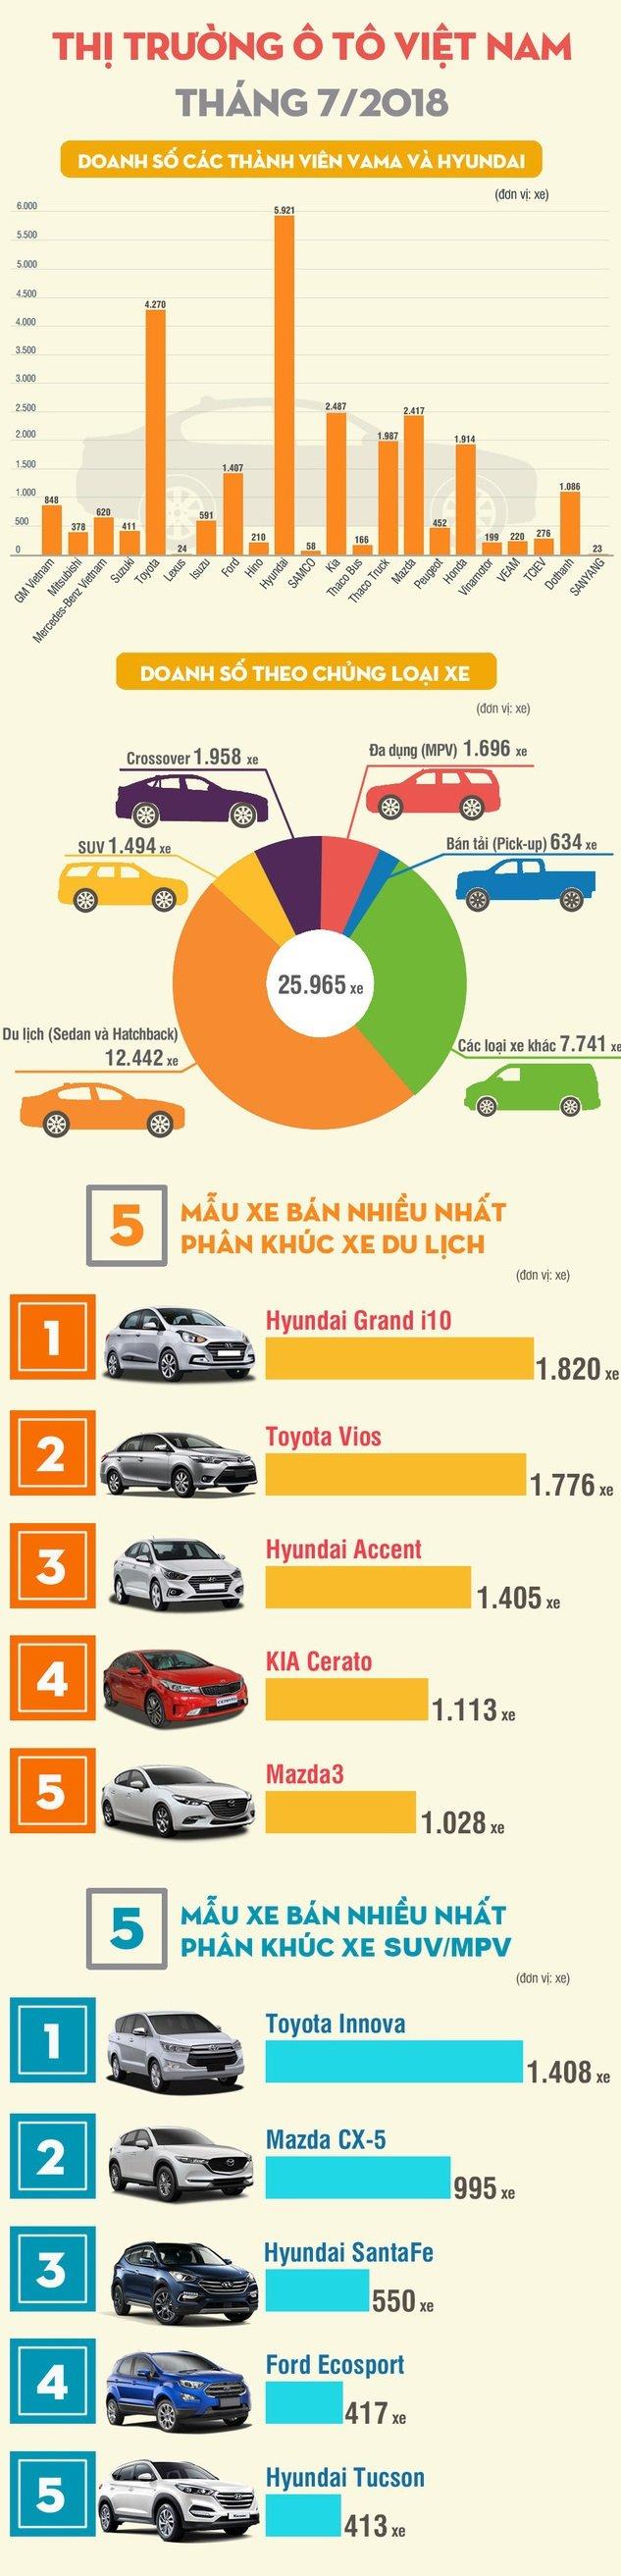 Toàn cảnh thị trường ô tô Việt Nam tháng 7/2018: Xe Hyundai có doanh số cao nhất.